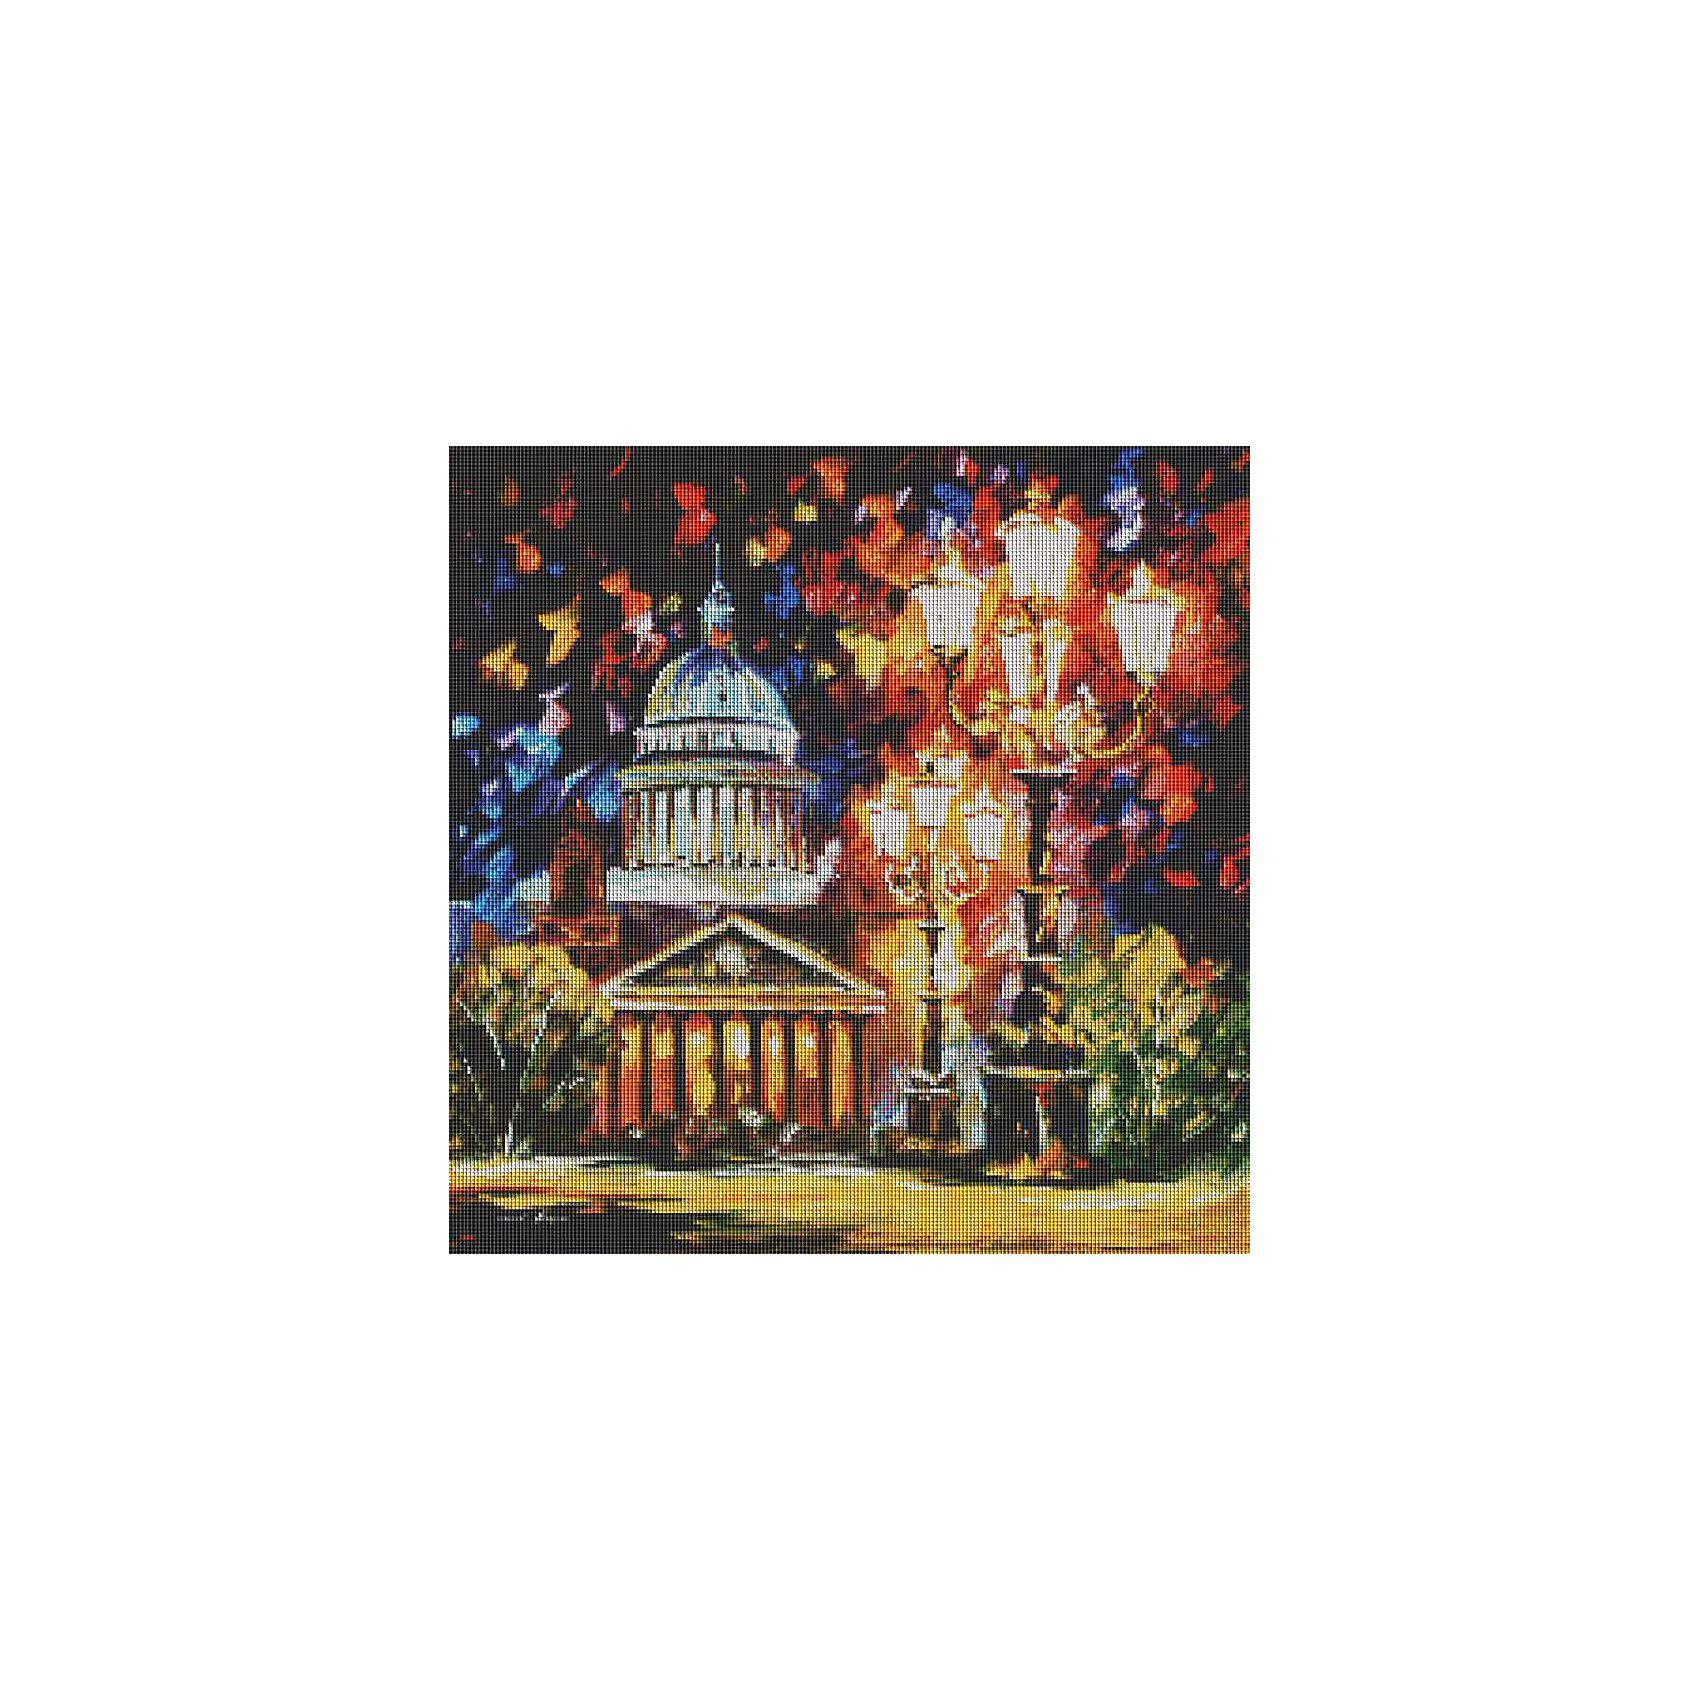 Мозаичная картина Мерцание ночи Санкт-ПетербургаМозаичная картина Мерцание ночи Санкт-Петербурга<br><br>Характеристики:<br><br>• Вес: 1110 г<br>• Размер: 53х53<br>• Тип камней: квадратный<br>• Размер камней: 2,5х2,5мм<br>• Тип выкладки: 100% заполнение<br>• Количество цветов: 57<br>• В комплекте: основа с клеевым слоем и схемой, набор алмазных камней, пинцет, лоток для мозаики, инструкция<br><br>Данный набор подойдет даже для начинающего рукодельника. Из него выйдет прекрасная мерцающая картина. Нанесение камушков с помощью пинцета не составит труда. В комплекте идет лоточек, в который можно положить нужный вам цвет и избежать рассыпания алмазов по всему рабочему месту. <br><br>Каждый цвет упакован в отдельный пакетик с номером соответствующим номеру на схеме. Весь набор находится в прозрачном тубусе, что делает его аккуратным и компактным.<br><br>Мозаичная картина Мерцание ночи Санкт-Петербурга можно купить в нашем интернет-магазине.<br><br>Ширина мм: 90<br>Глубина мм: 90<br>Высота мм: 6000<br>Вес г: 1100<br>Возраст от месяцев: 72<br>Возраст до месяцев: 2147483647<br>Пол: Унисекс<br>Возраст: Детский<br>SKU: 5500433